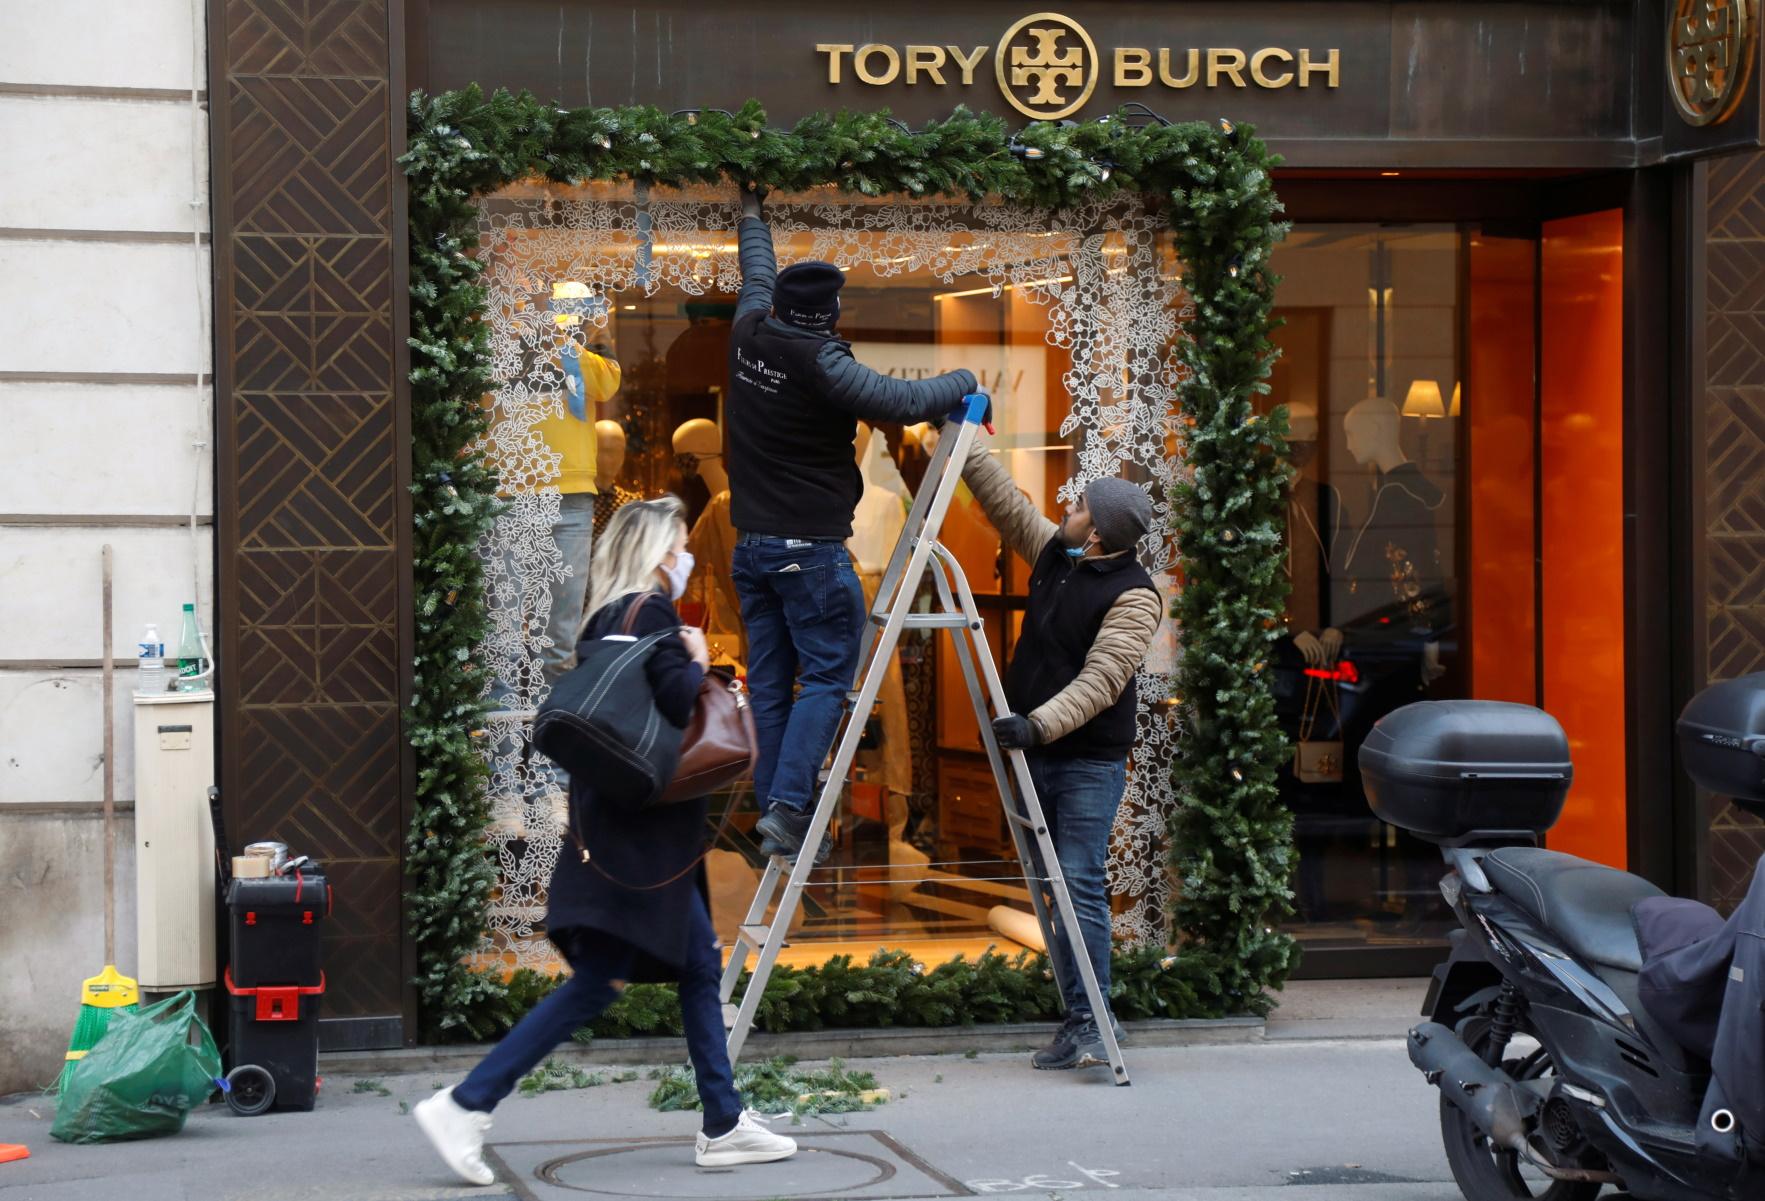 Κορονοϊός: Τολμούν Ιρλανδία και Βέλγιο – Ανοίγουν καταστήματα εν όψει Χριστουγέννων